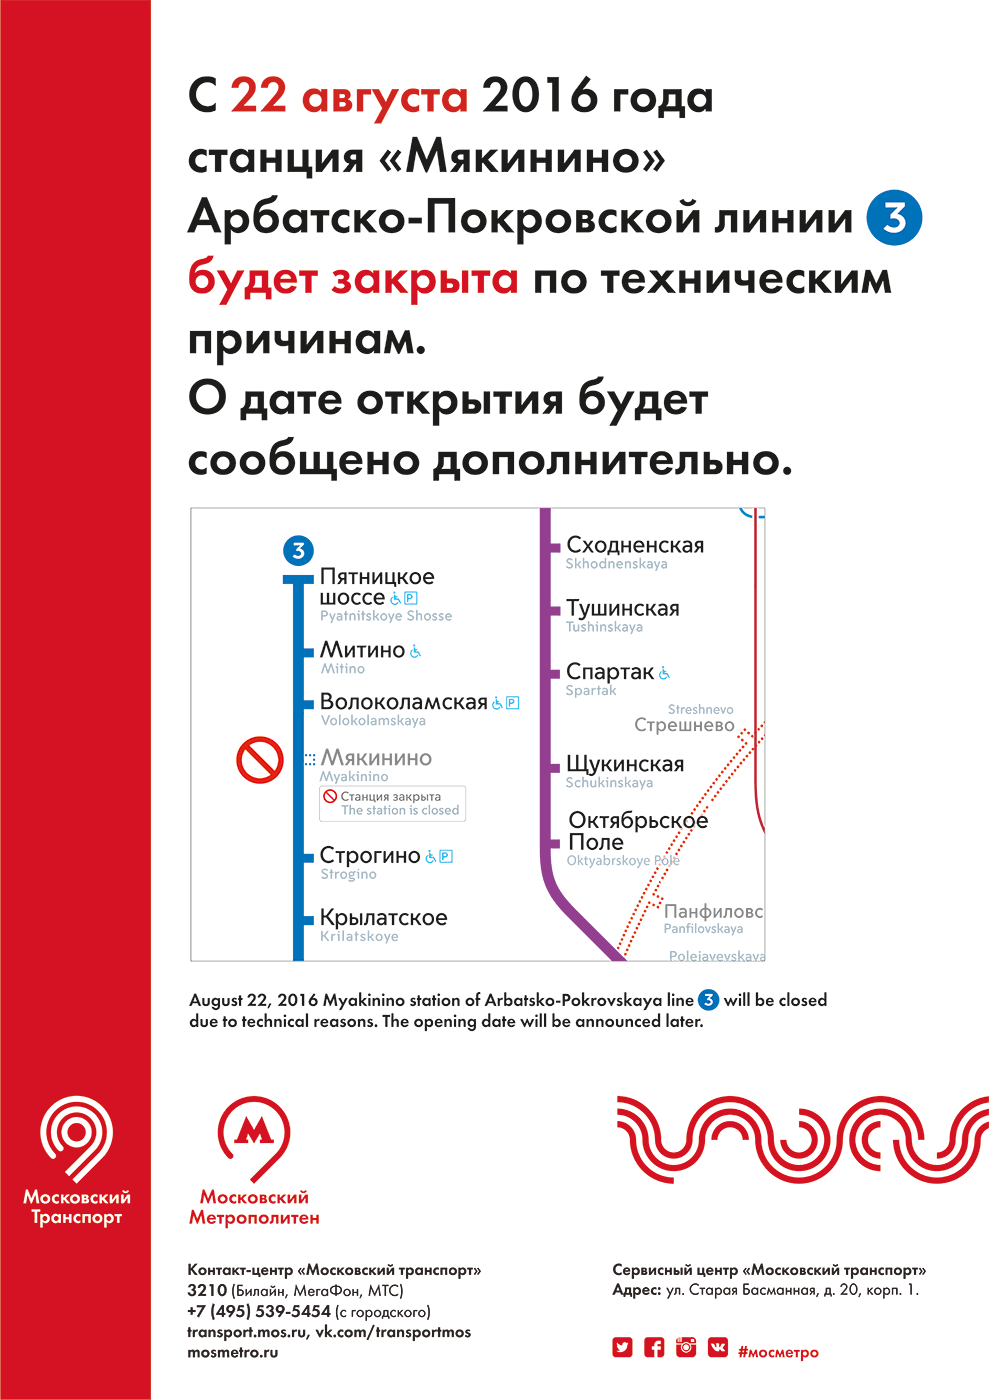 Станция «Мякинино» с 22 августа закрывается!